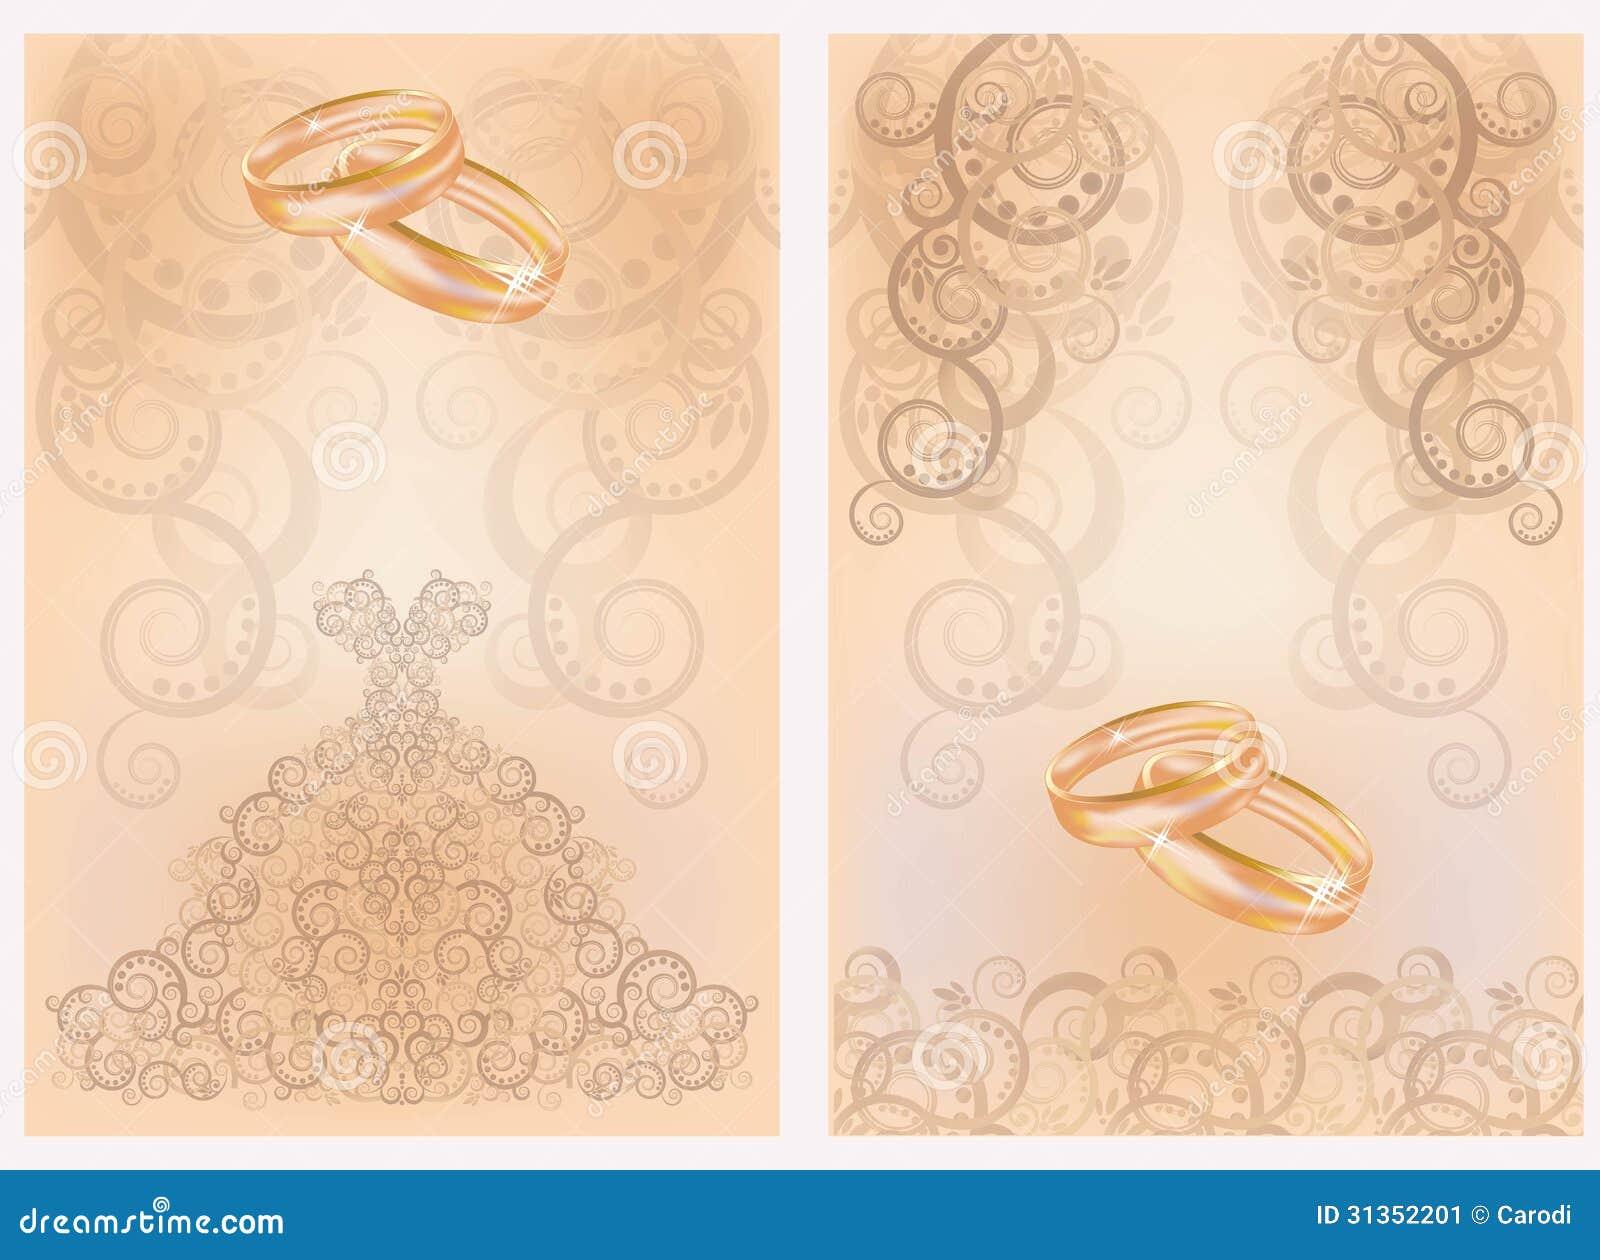 Cartões De Casamento: Dois Cartões Do Convite Do Casamento Com Anéis Dourados